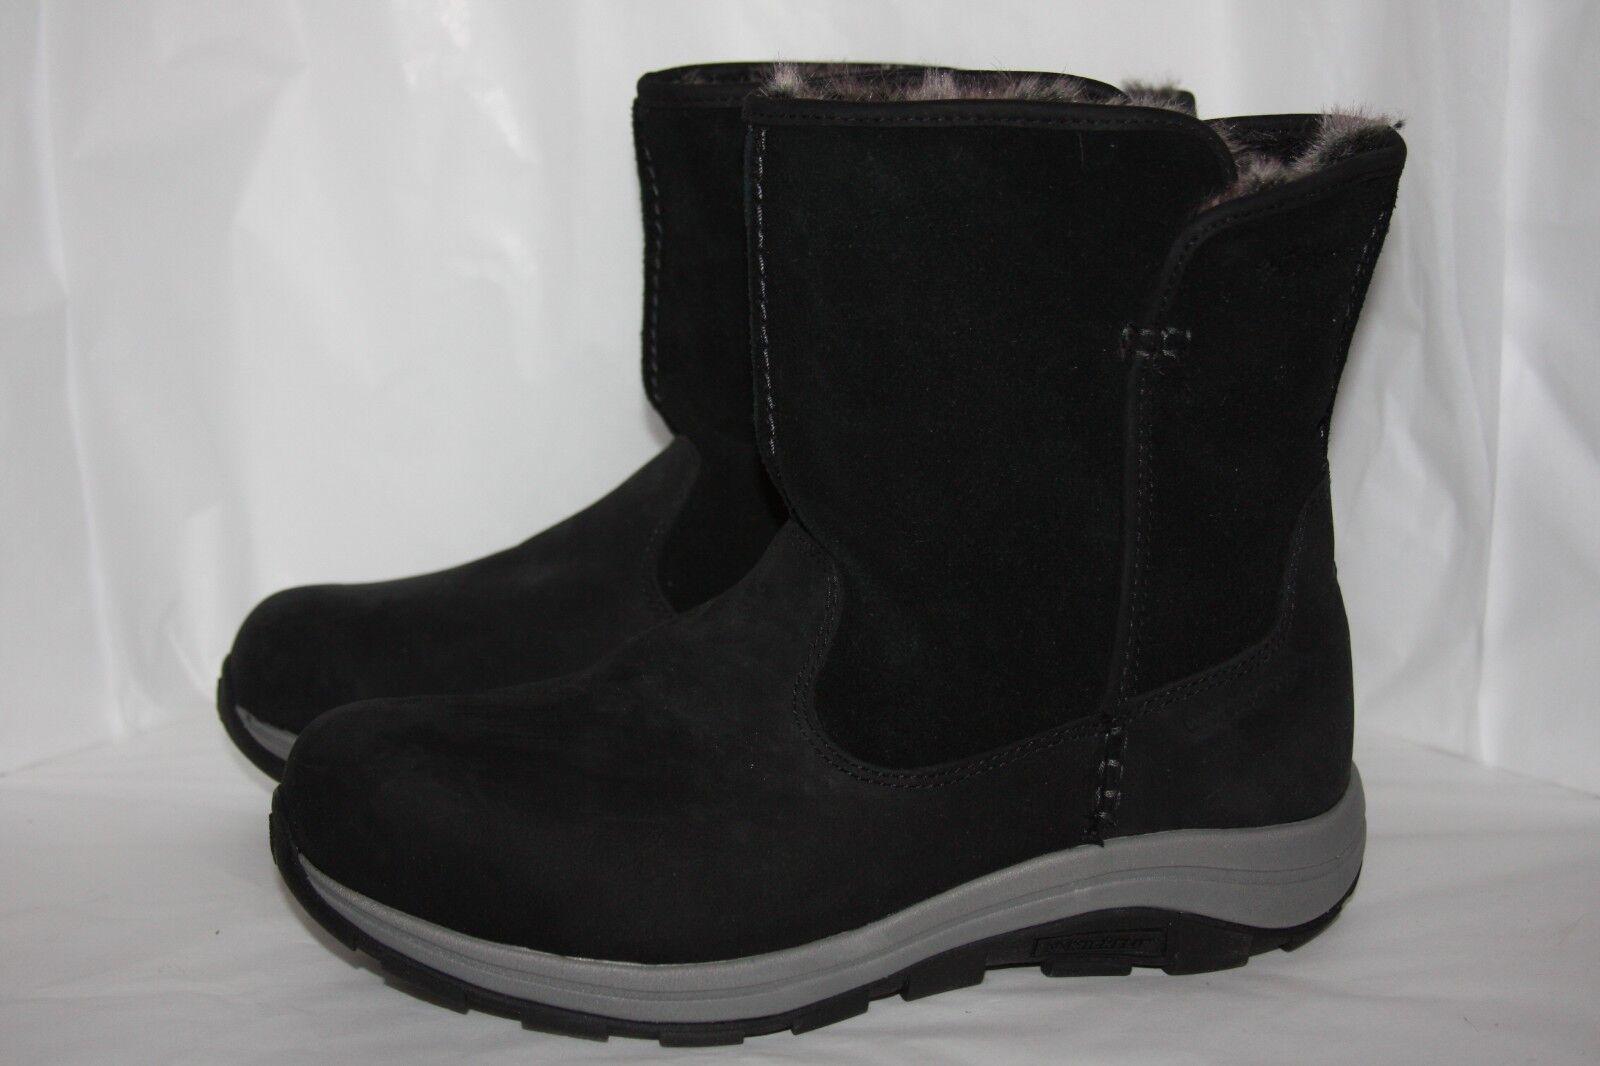 Columbia bangor slip omni heat schwarz snow boots Damens's Größe 10 m